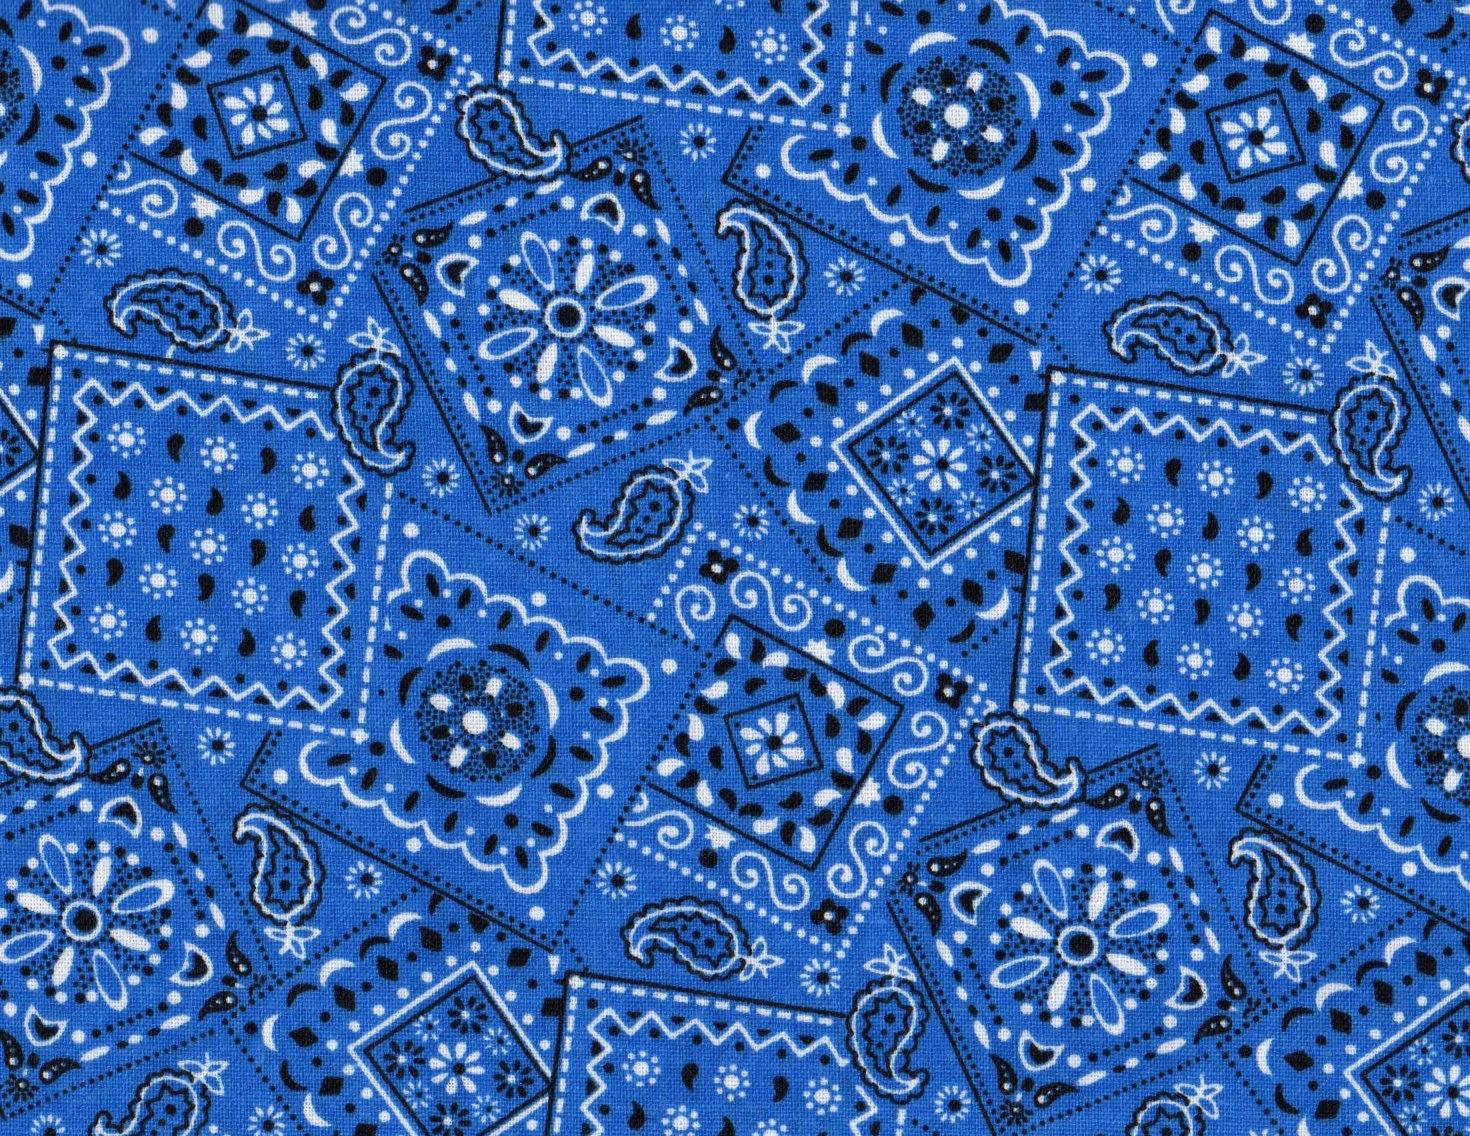 Free download Blue Bandana Fabric Blue Fabric Bandana by